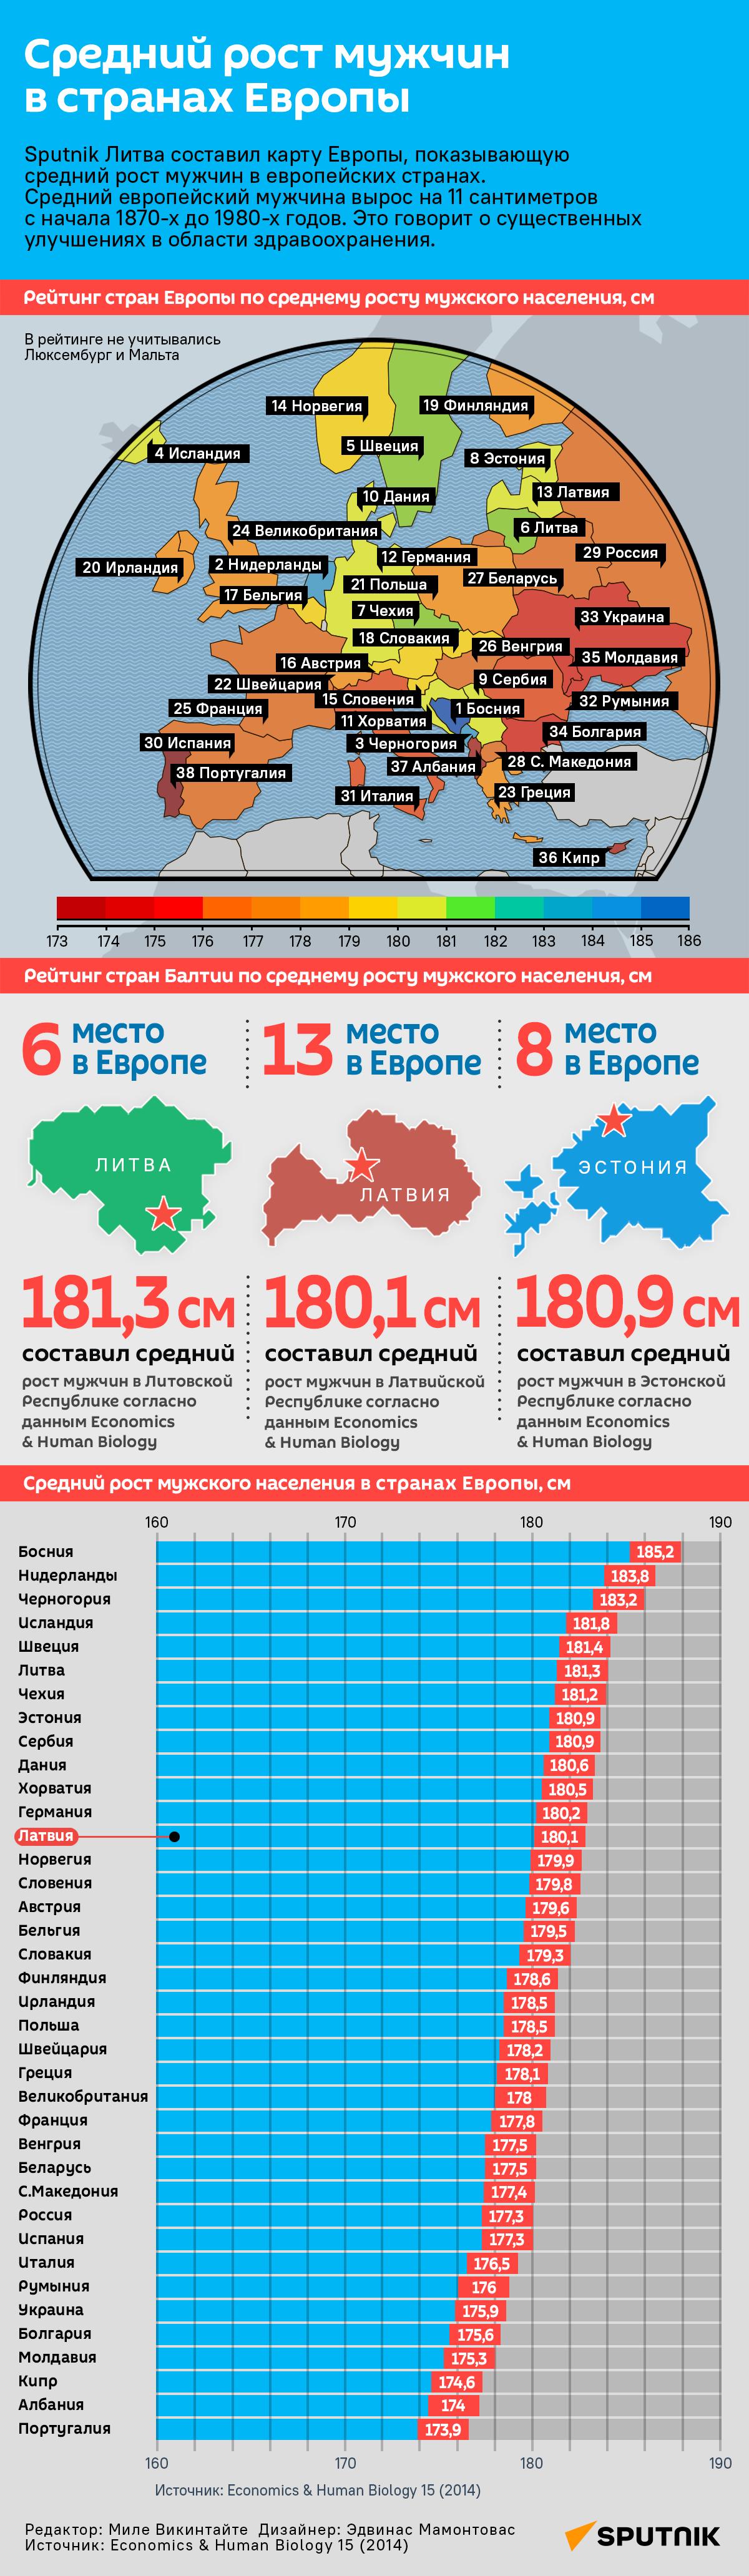 Средний рост мужчин в странах Европы - Sputnik Латвия